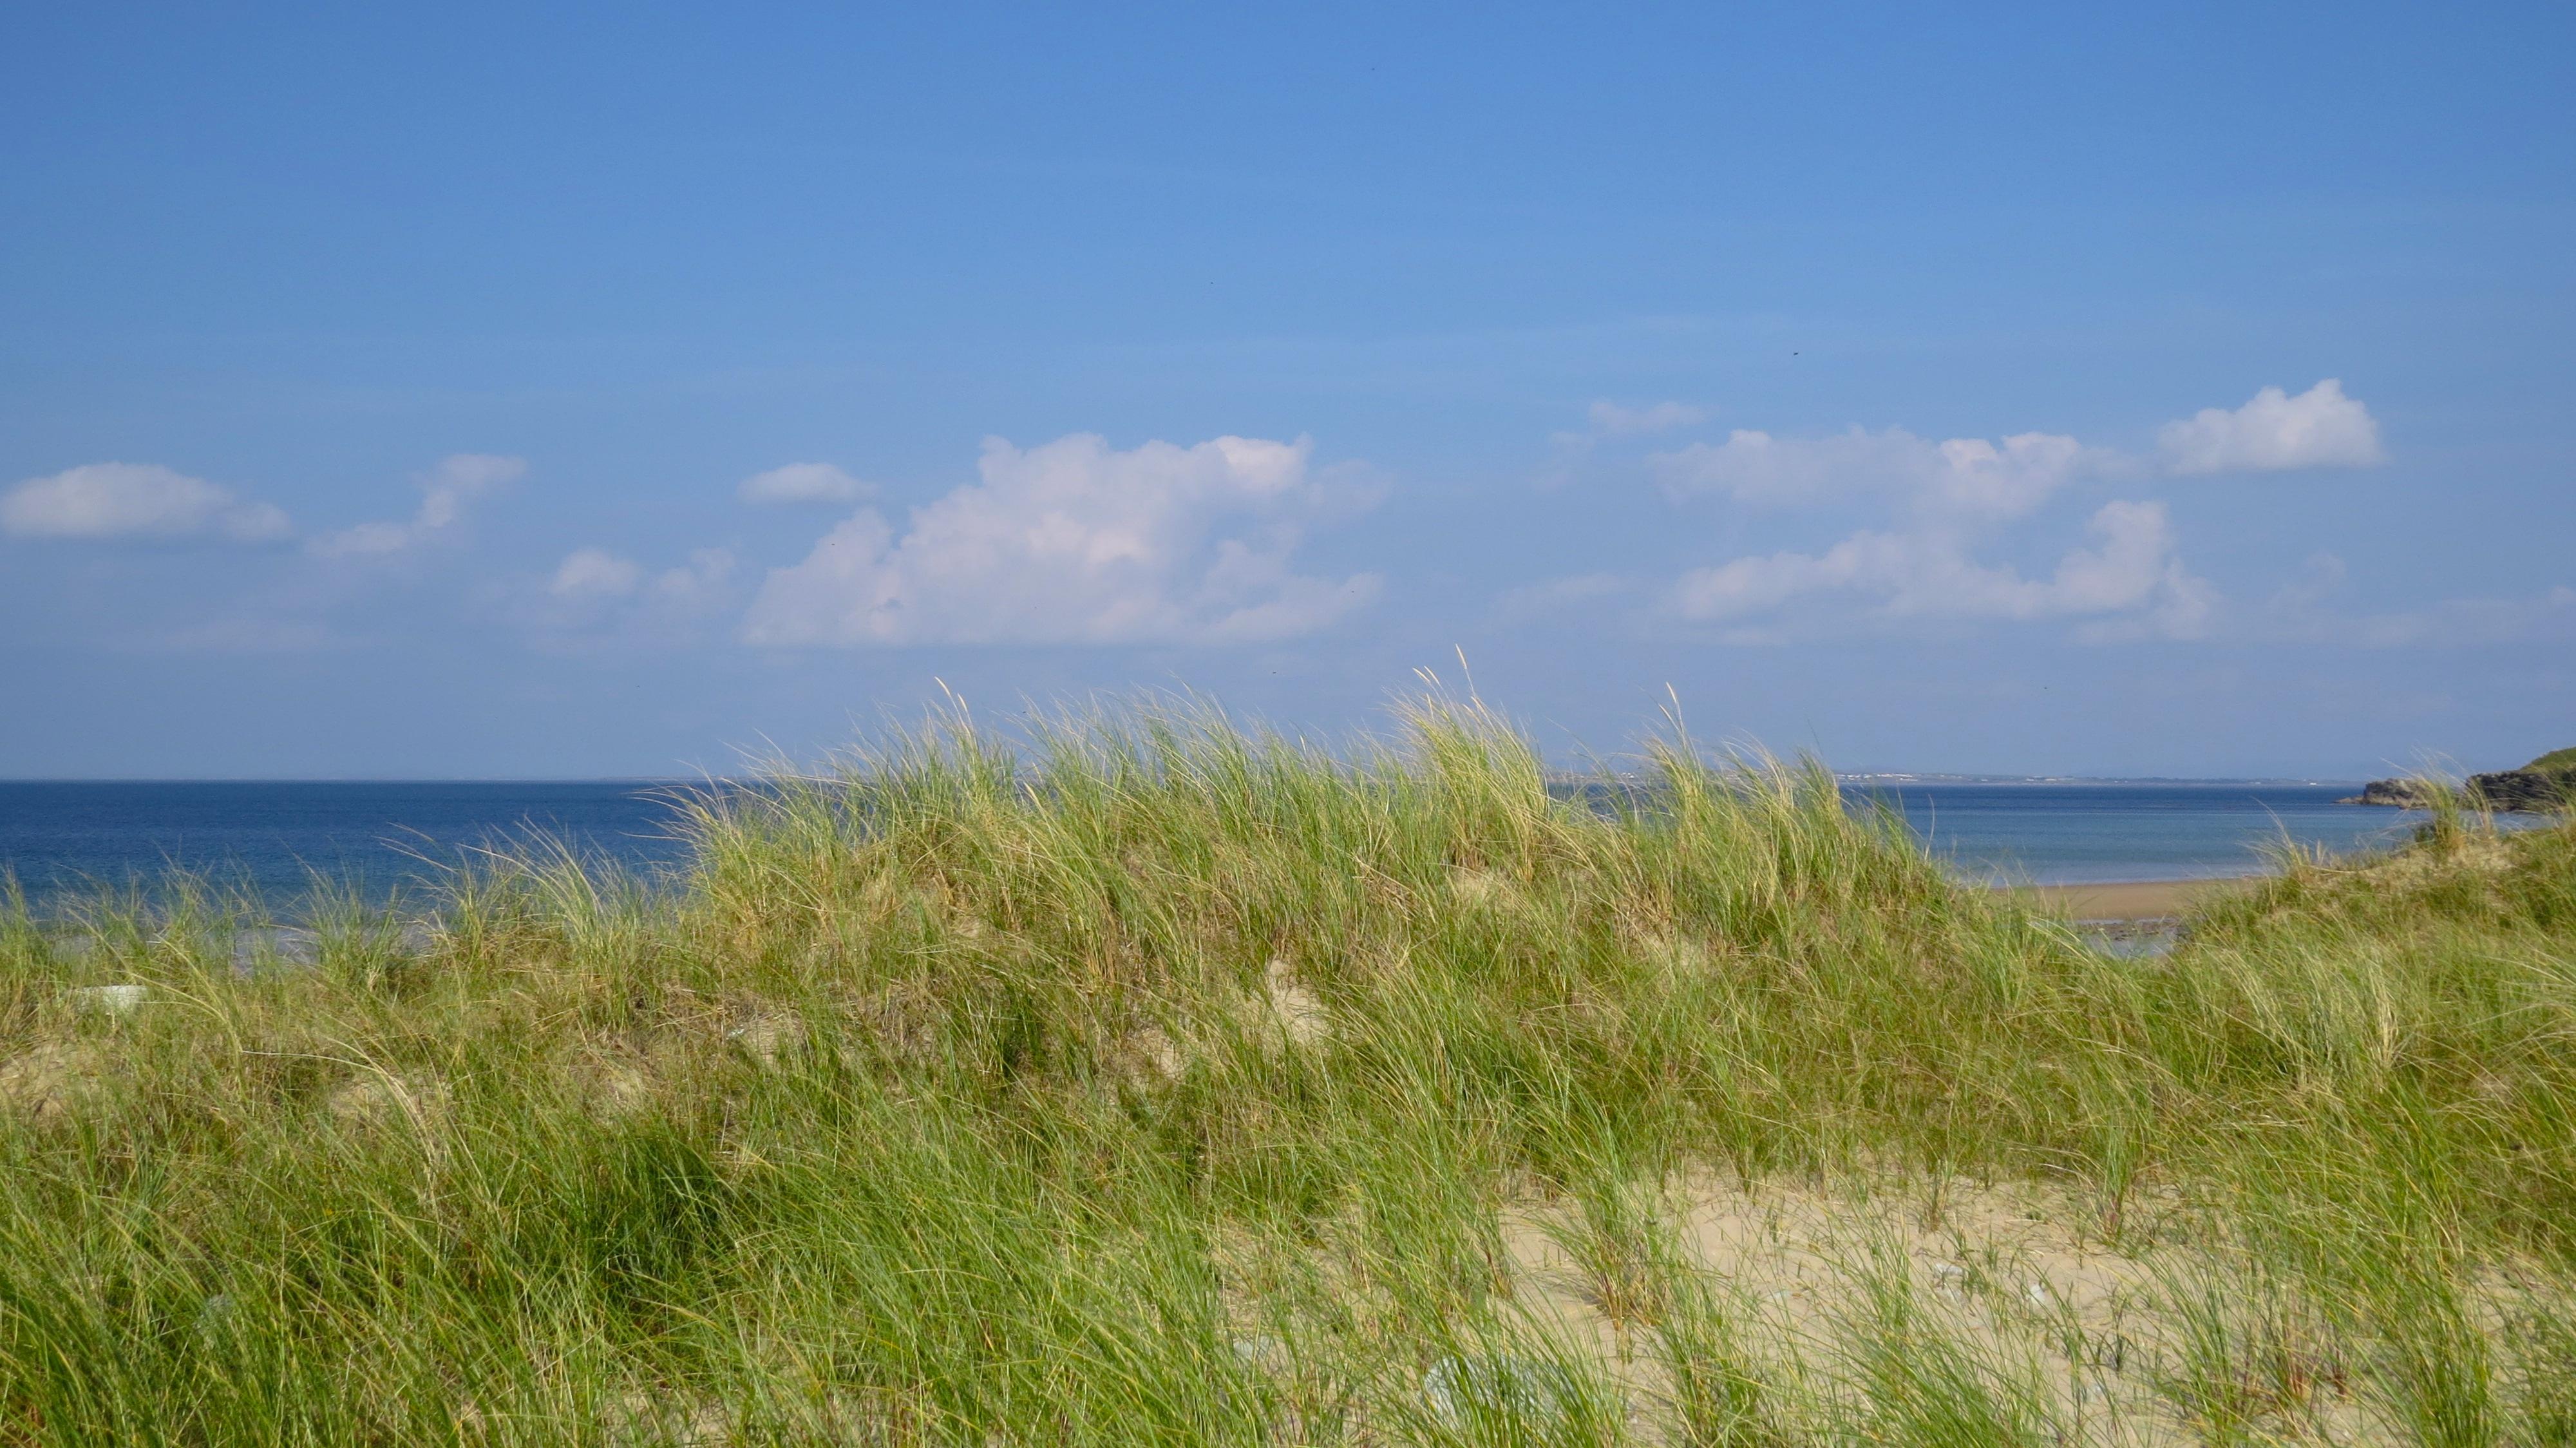 gs dune grass